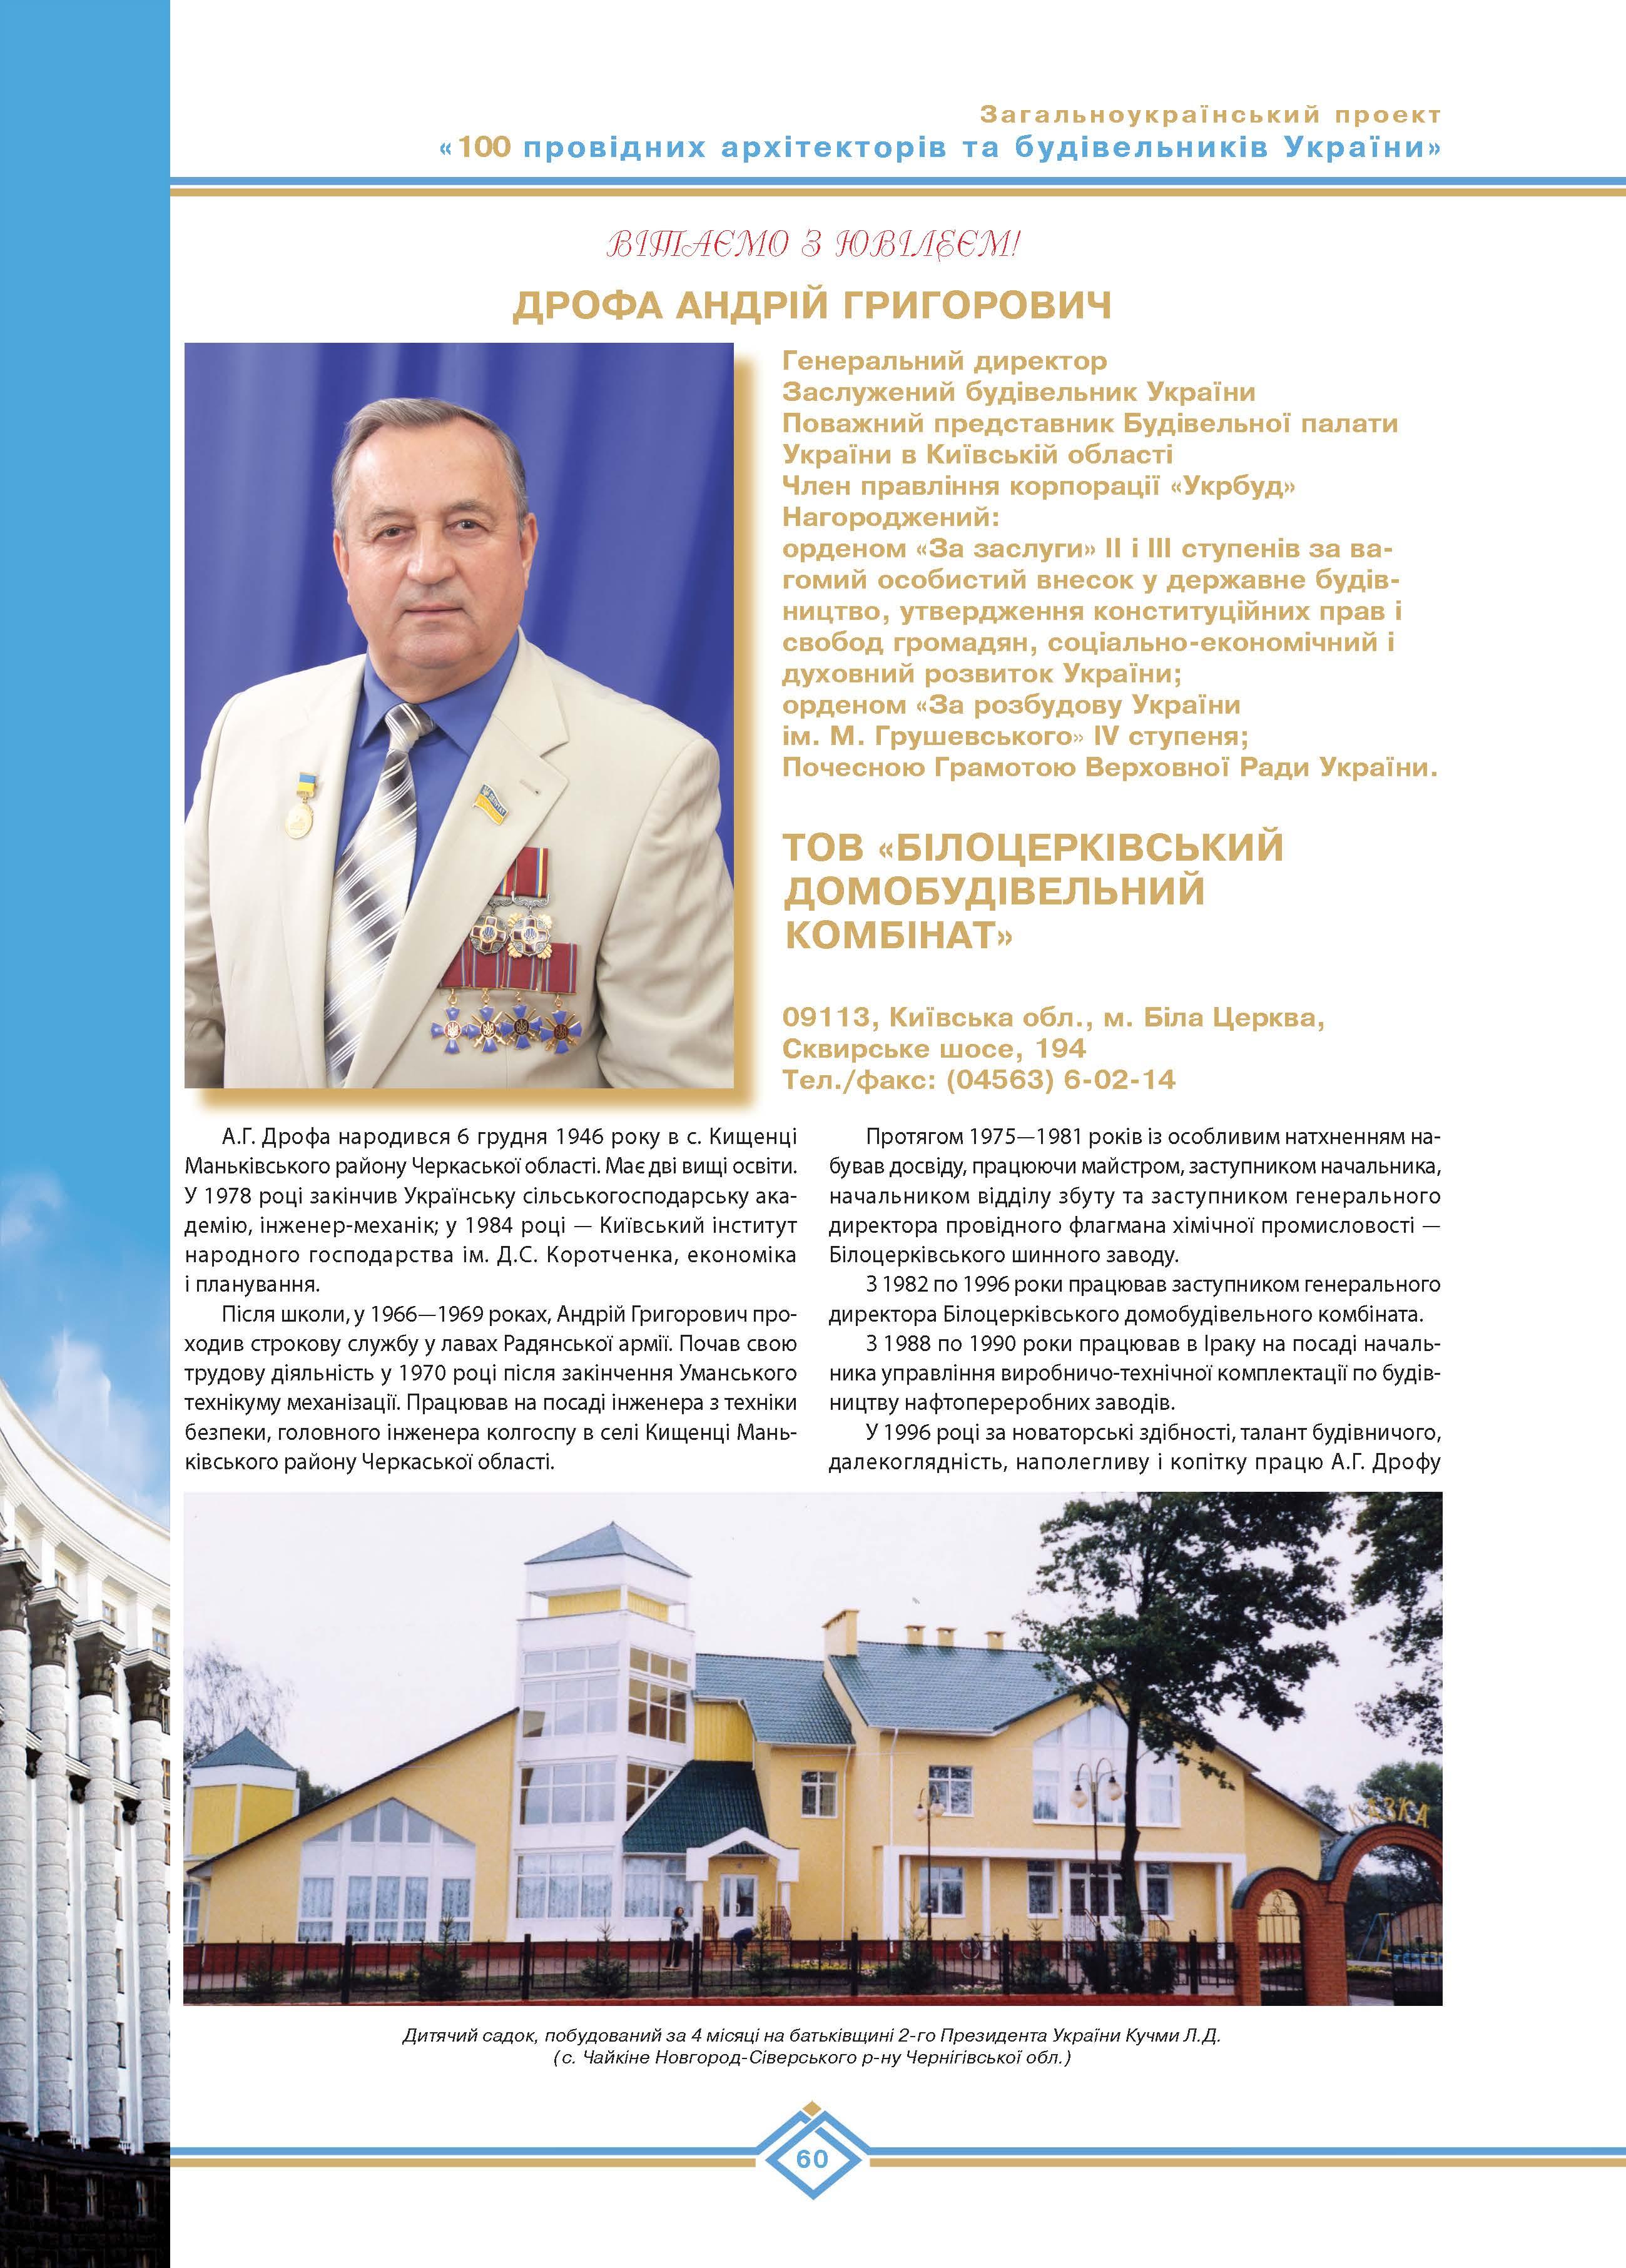 Дрофа Андрій Григорович